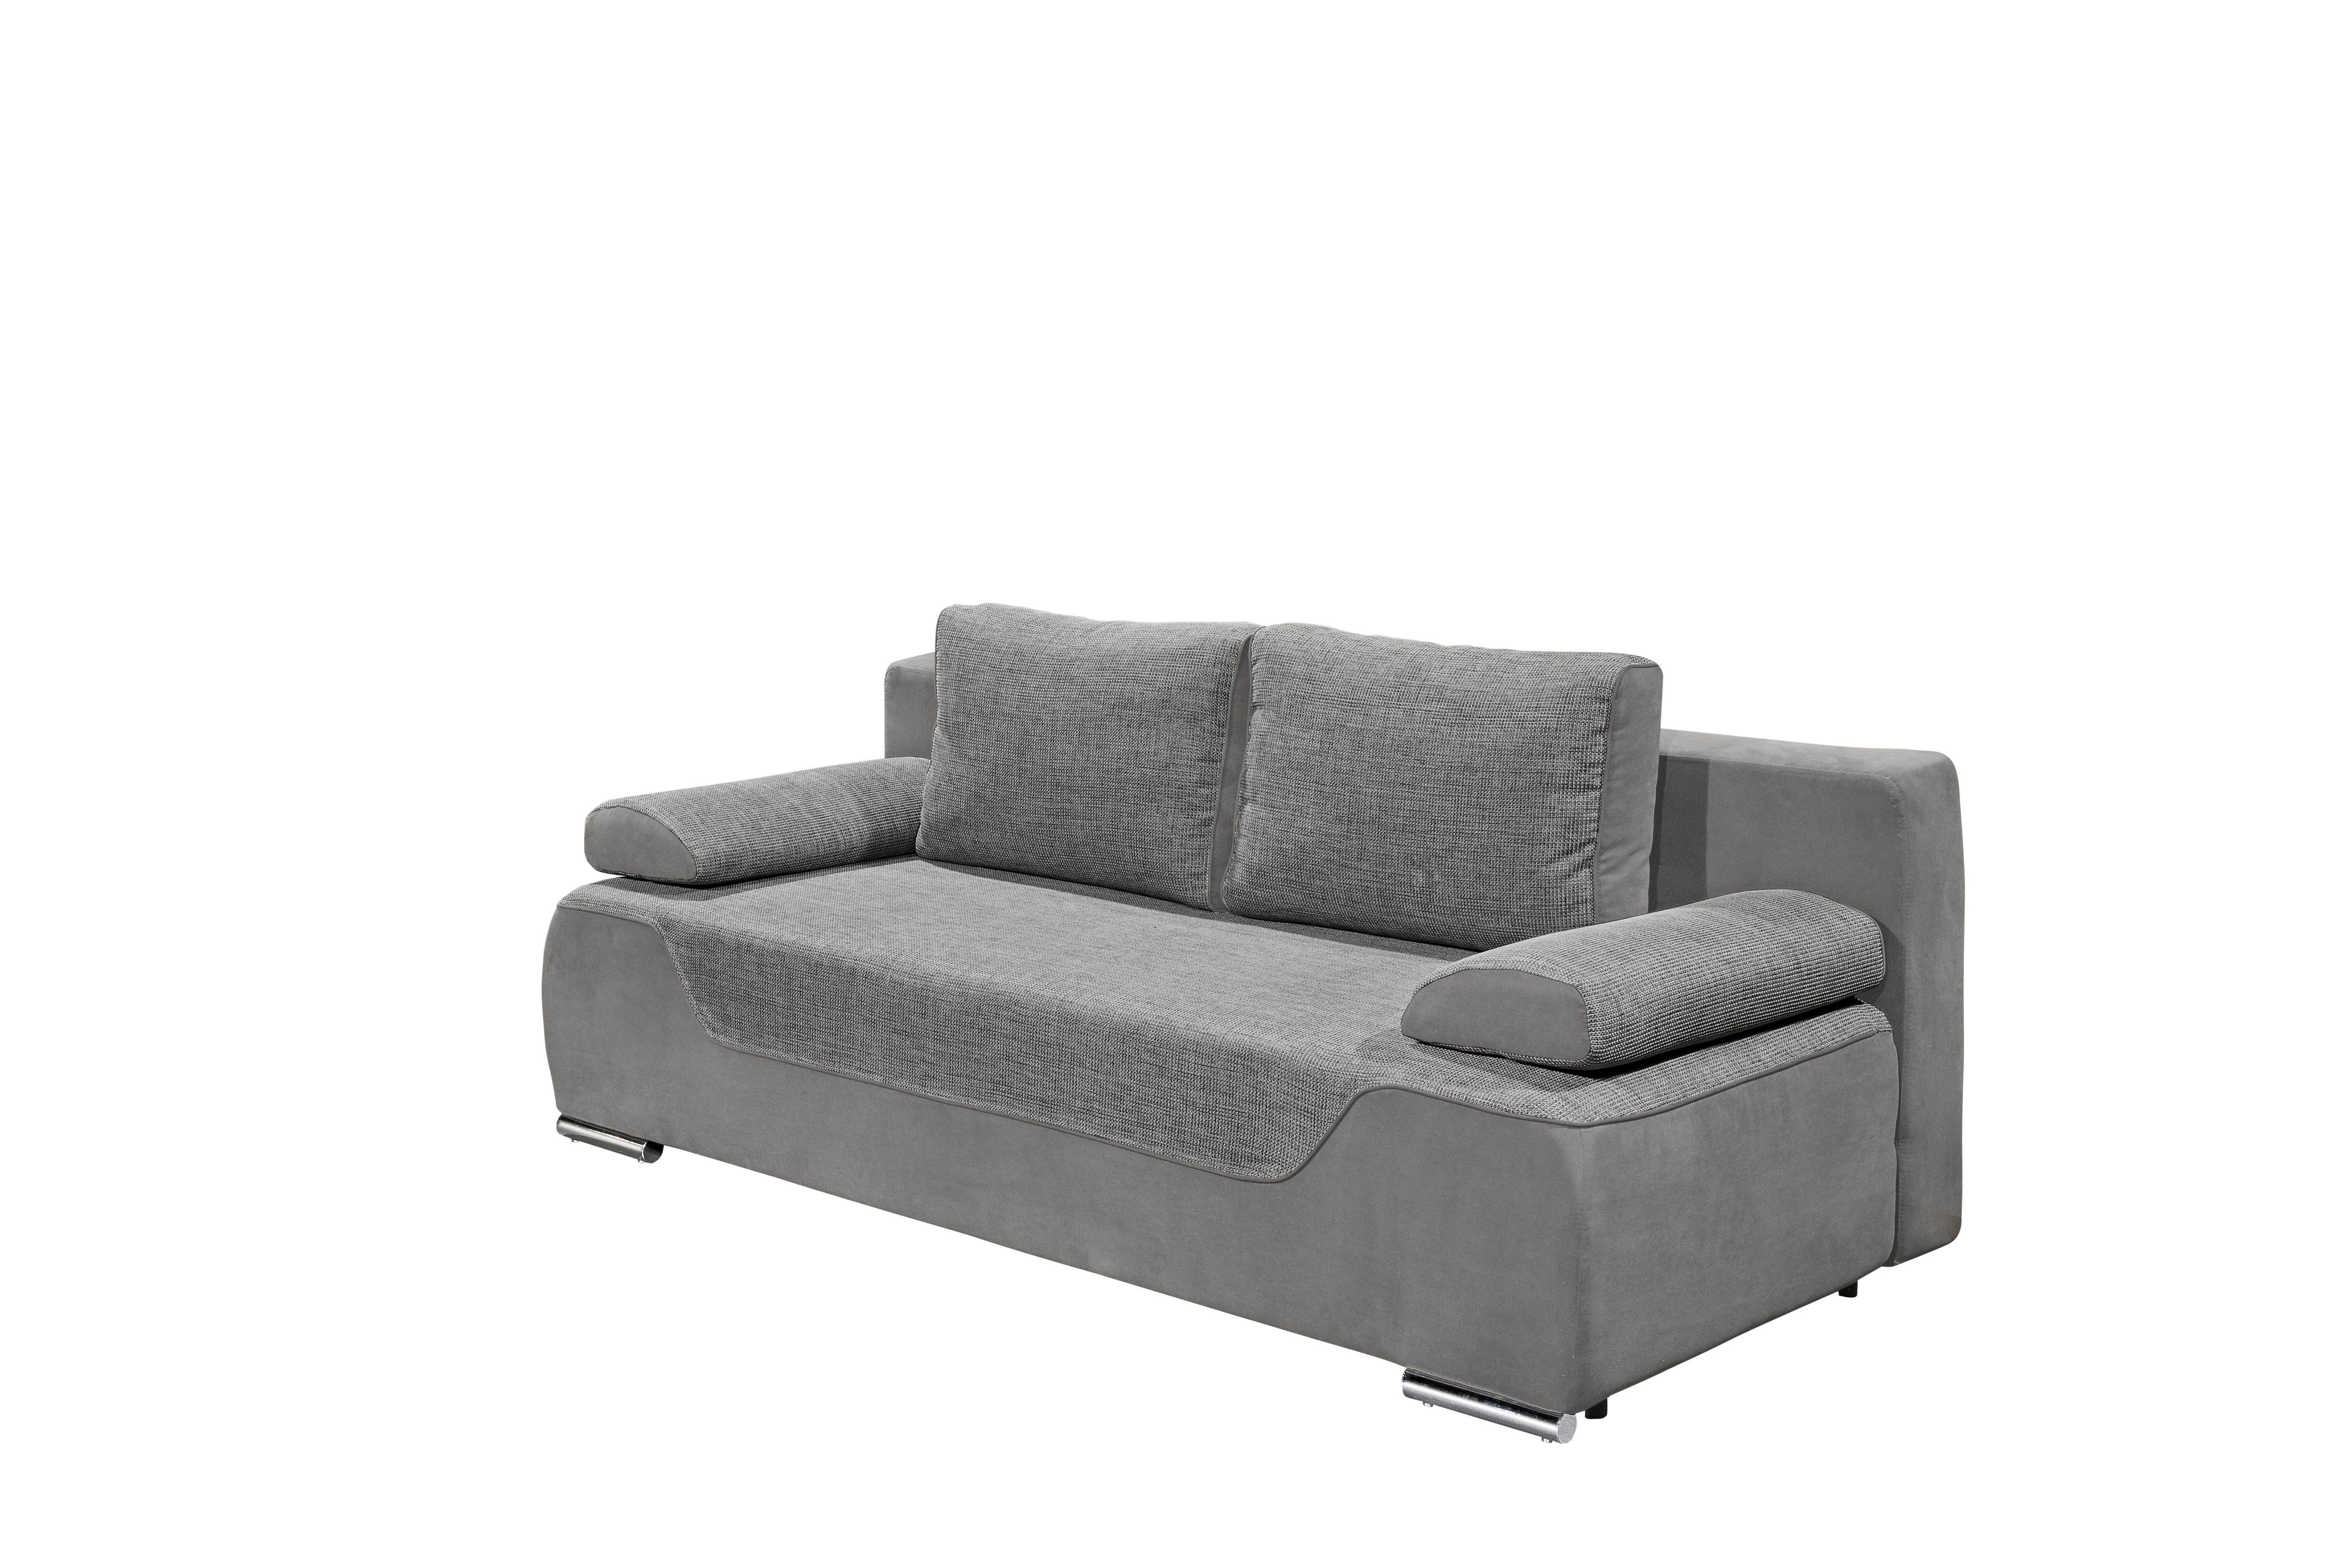 Remarkable Details Zu Couch Schlafsofa Sofabett Funktionssofa Ausziehbar Grau 200 Cm Interior Design Ideas Greaswefileorg